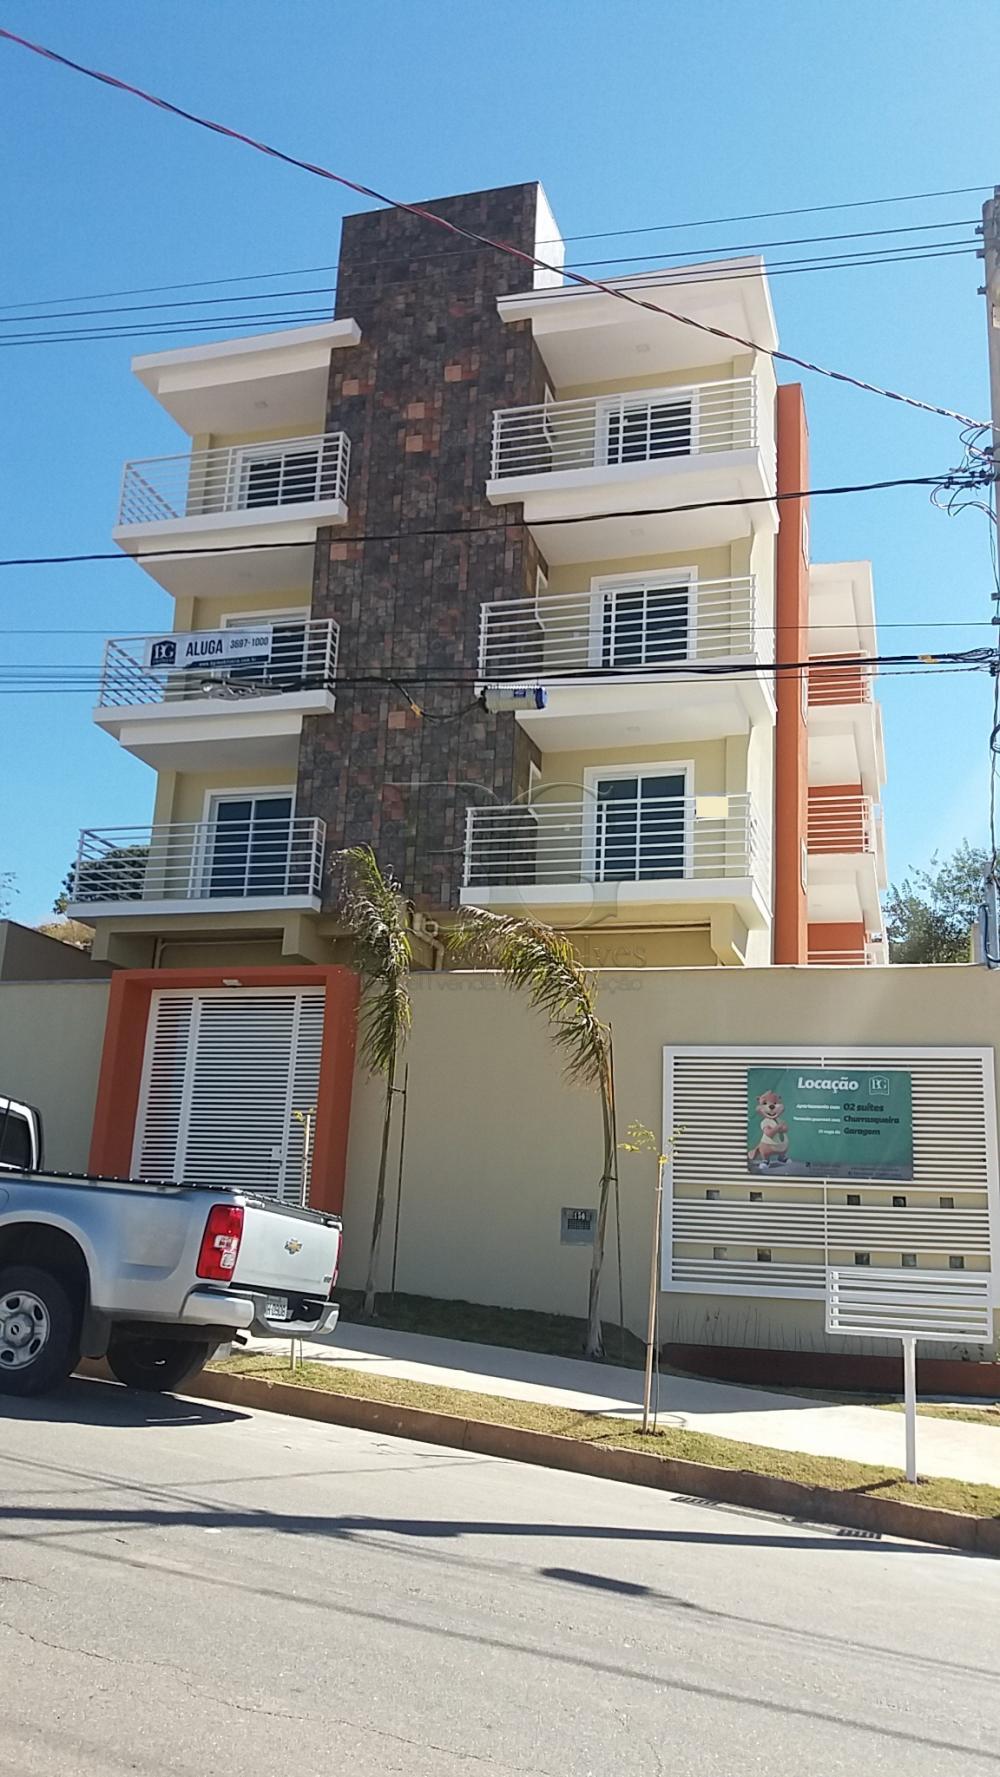 Alugar Apartamentos / Padrão em Poços de Caldas apenas R$ 1.600,00 - Foto 1